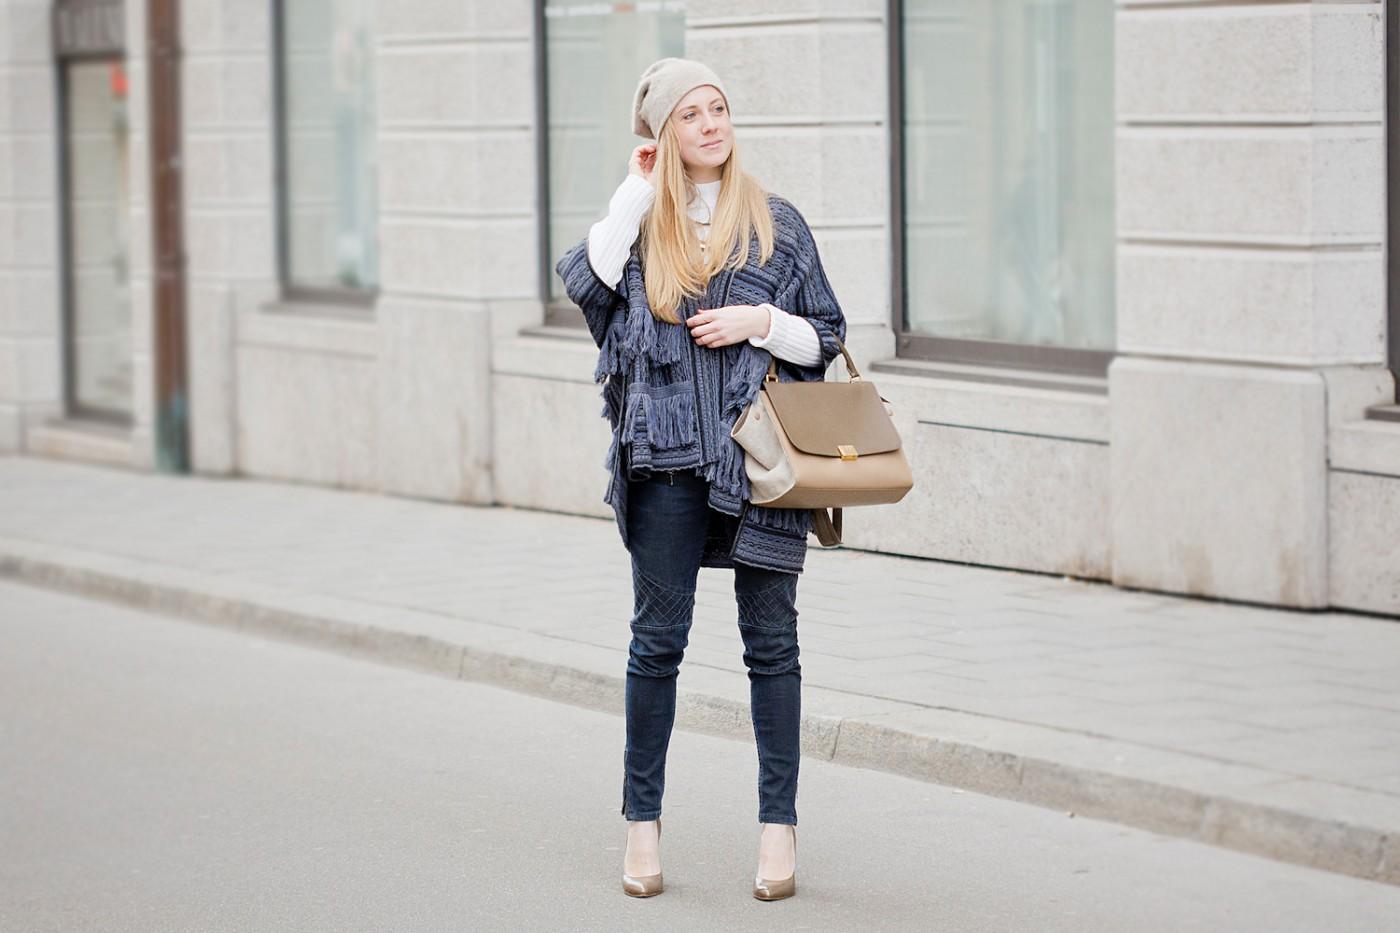 Fringe jacket and biker jeans